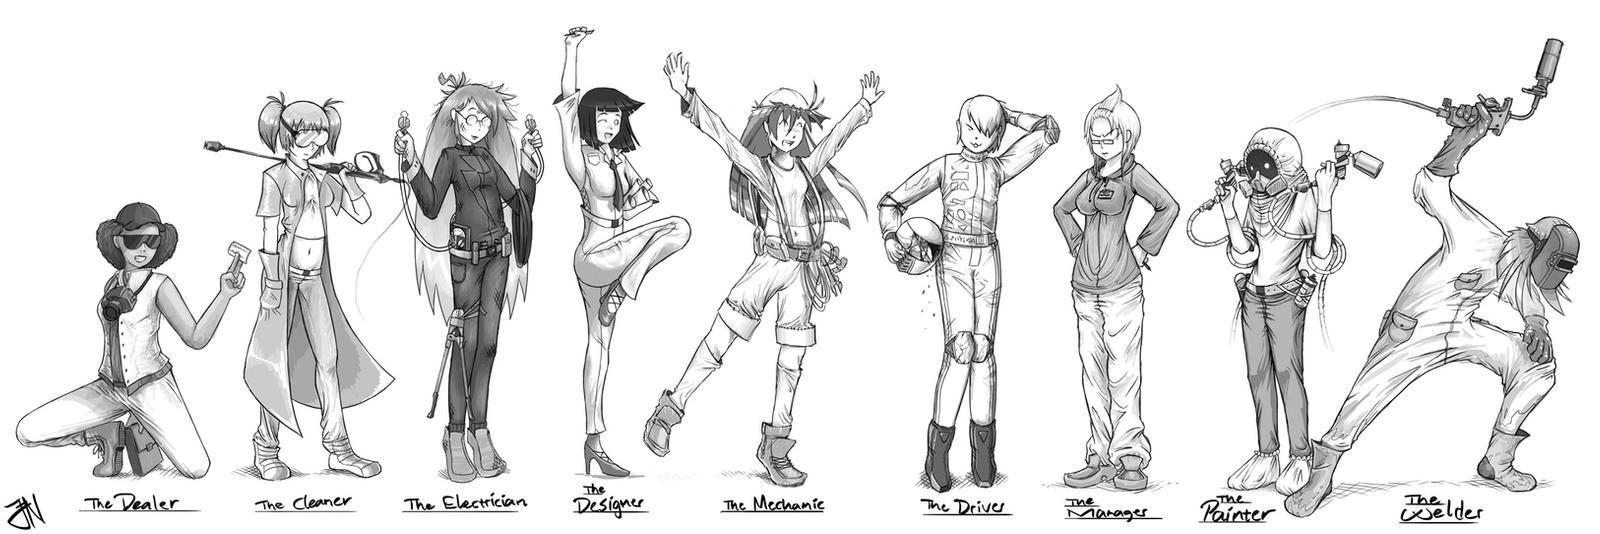 manga_characters_concept_art_by_brainsause_d5zumiq-fullview.jpg